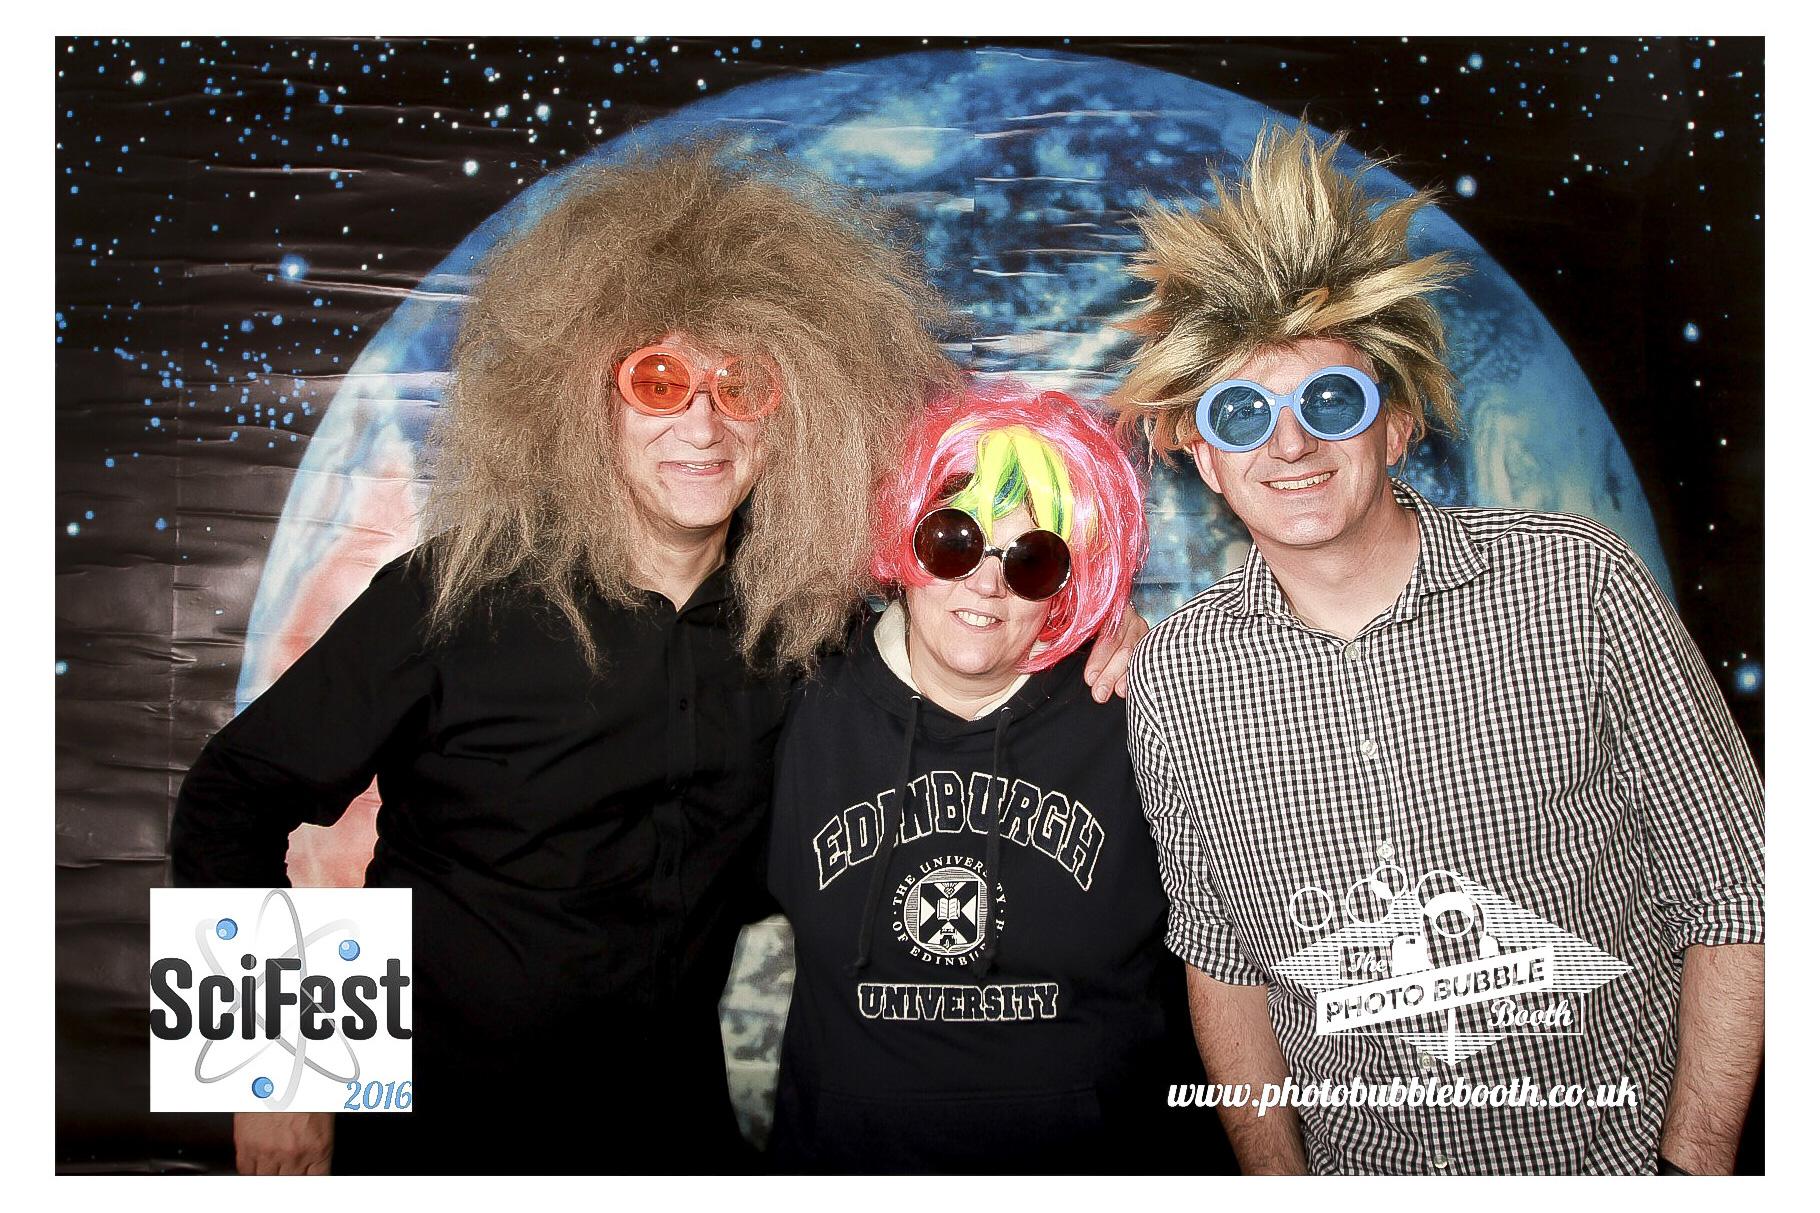 SciFest 2016 First Day33_.JPG